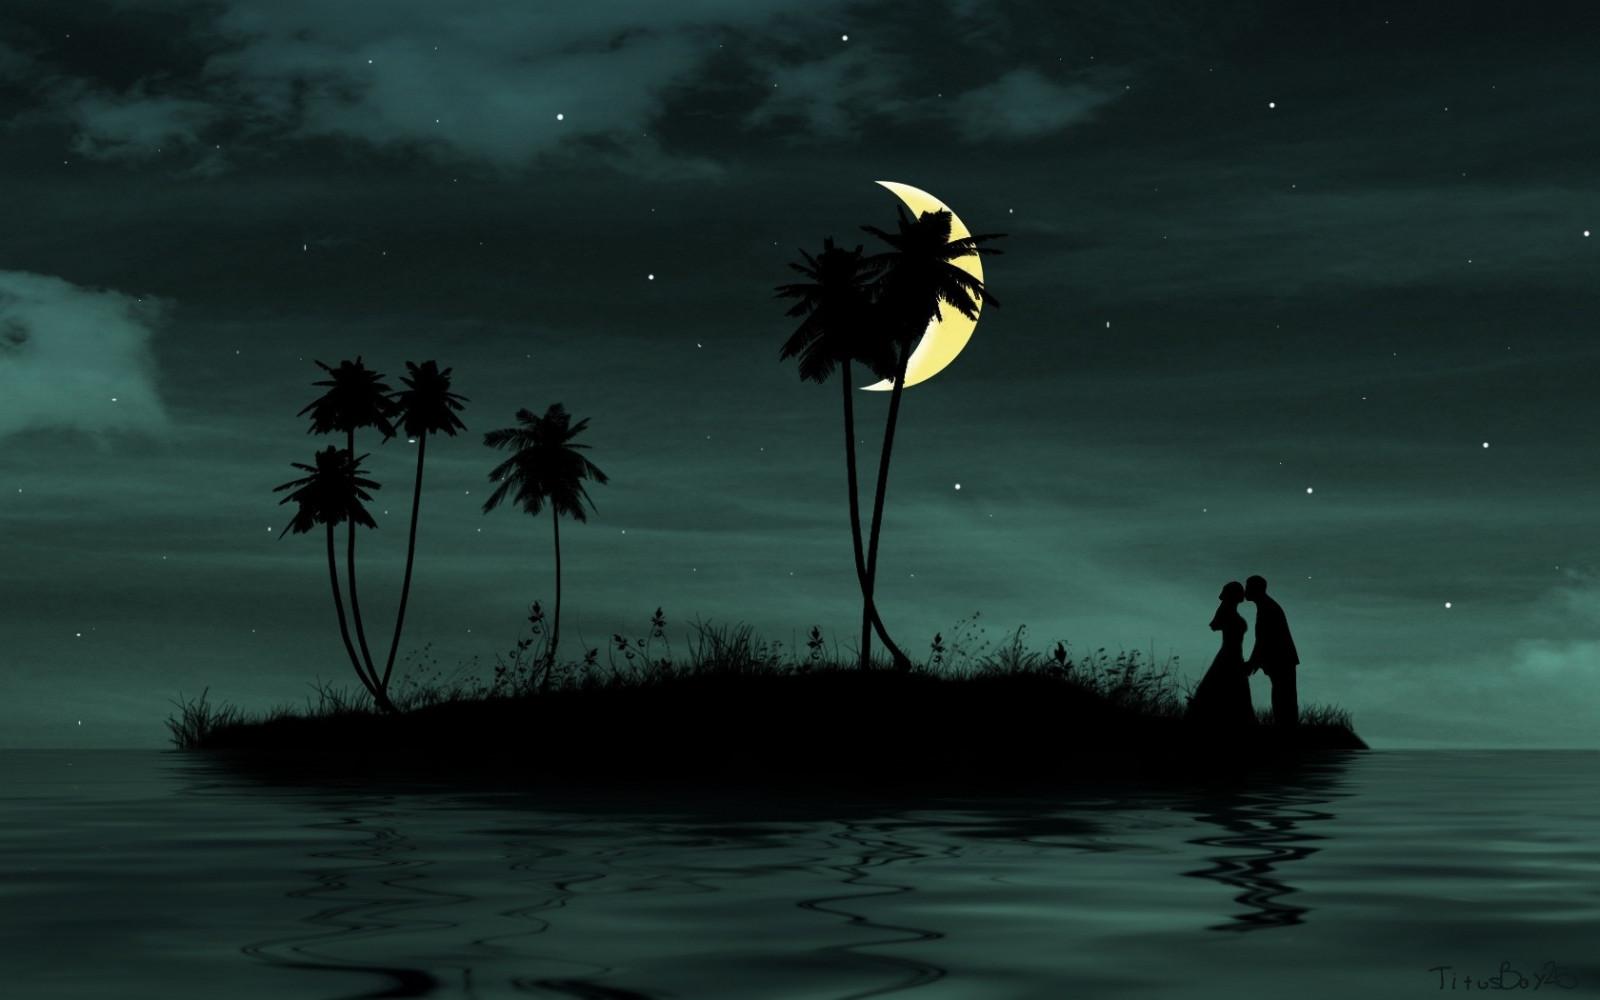 Fond d 39 cran paysage fonc mer eau amour ciel - Beautiful sad couple images ...